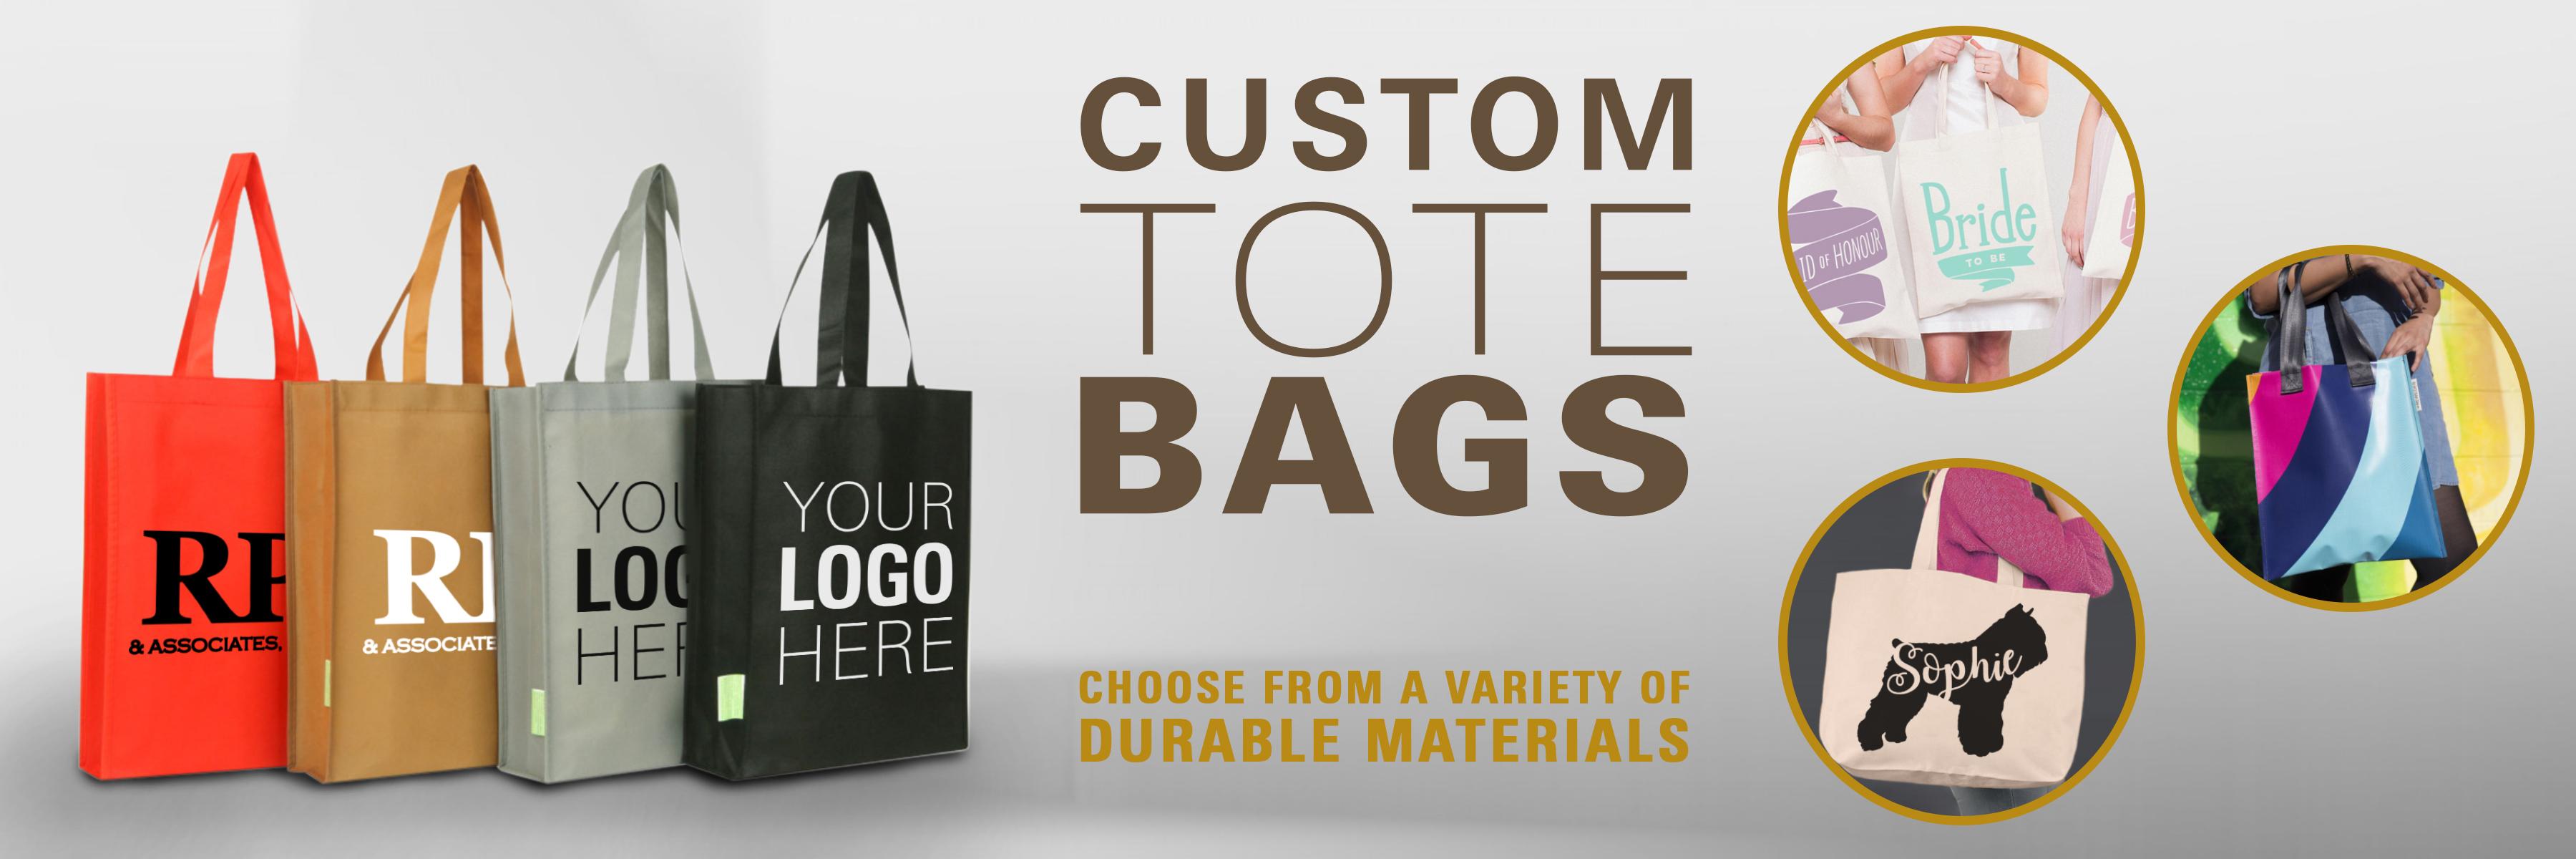 tote bags custom